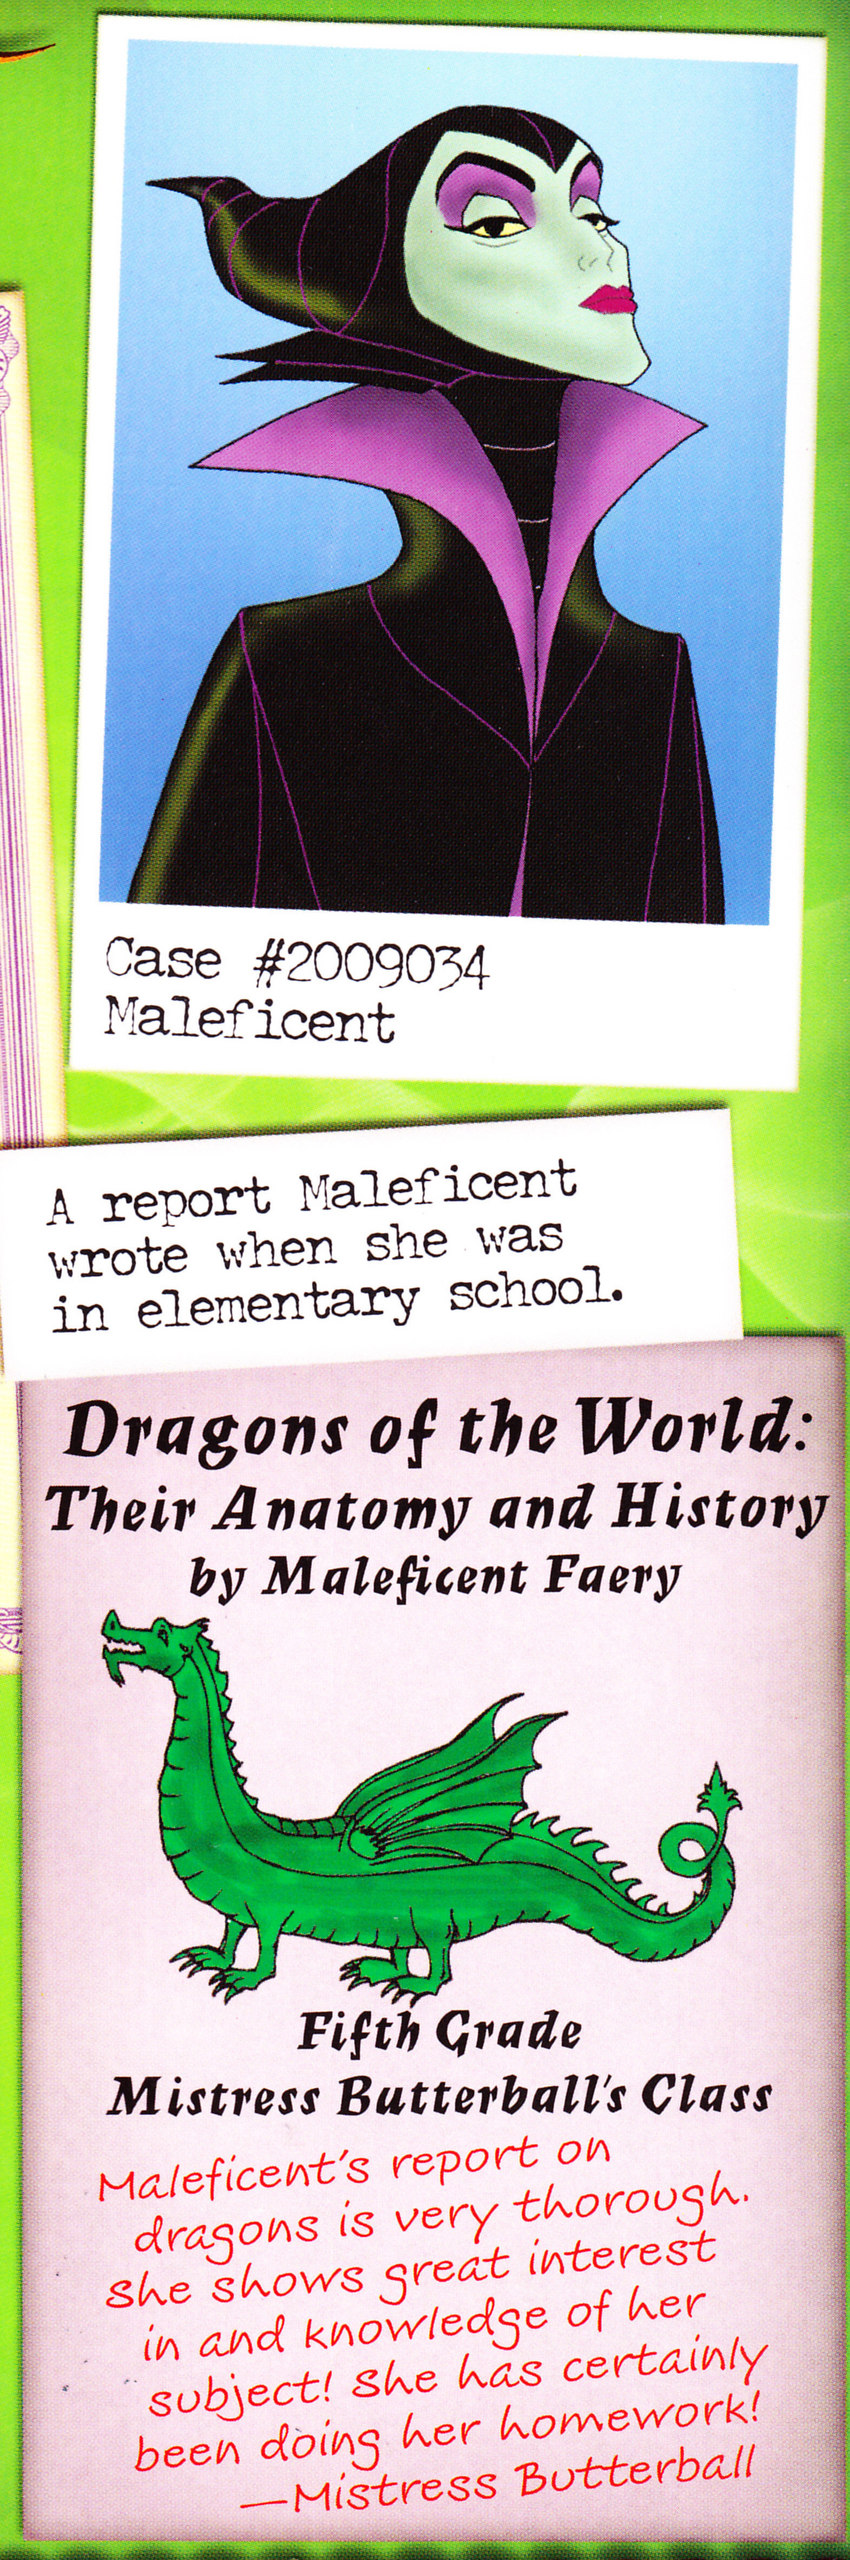 Maleficen't Elementary project